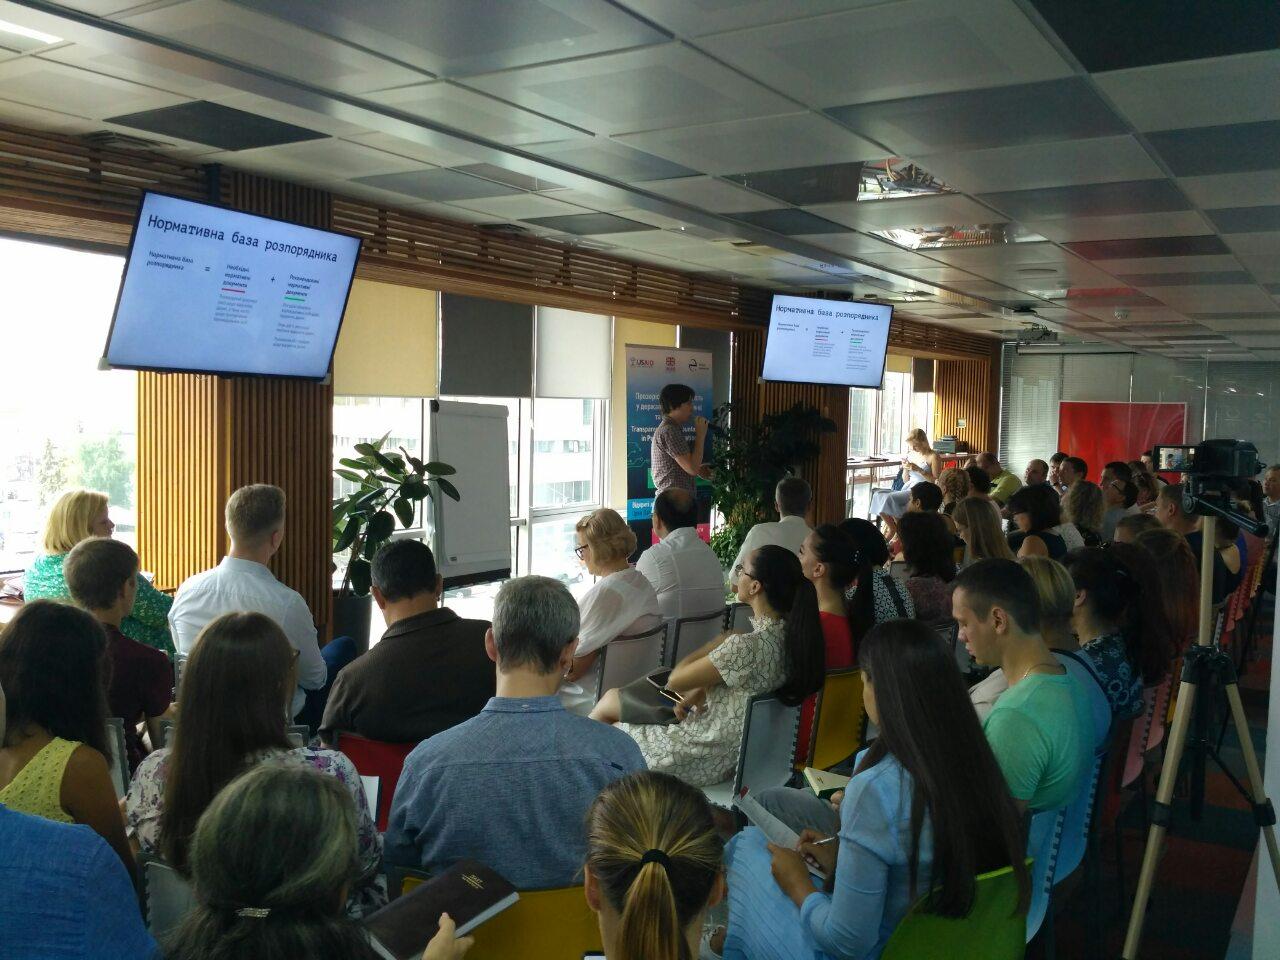 Презентація тренінгу по роботі з відкритими даними.